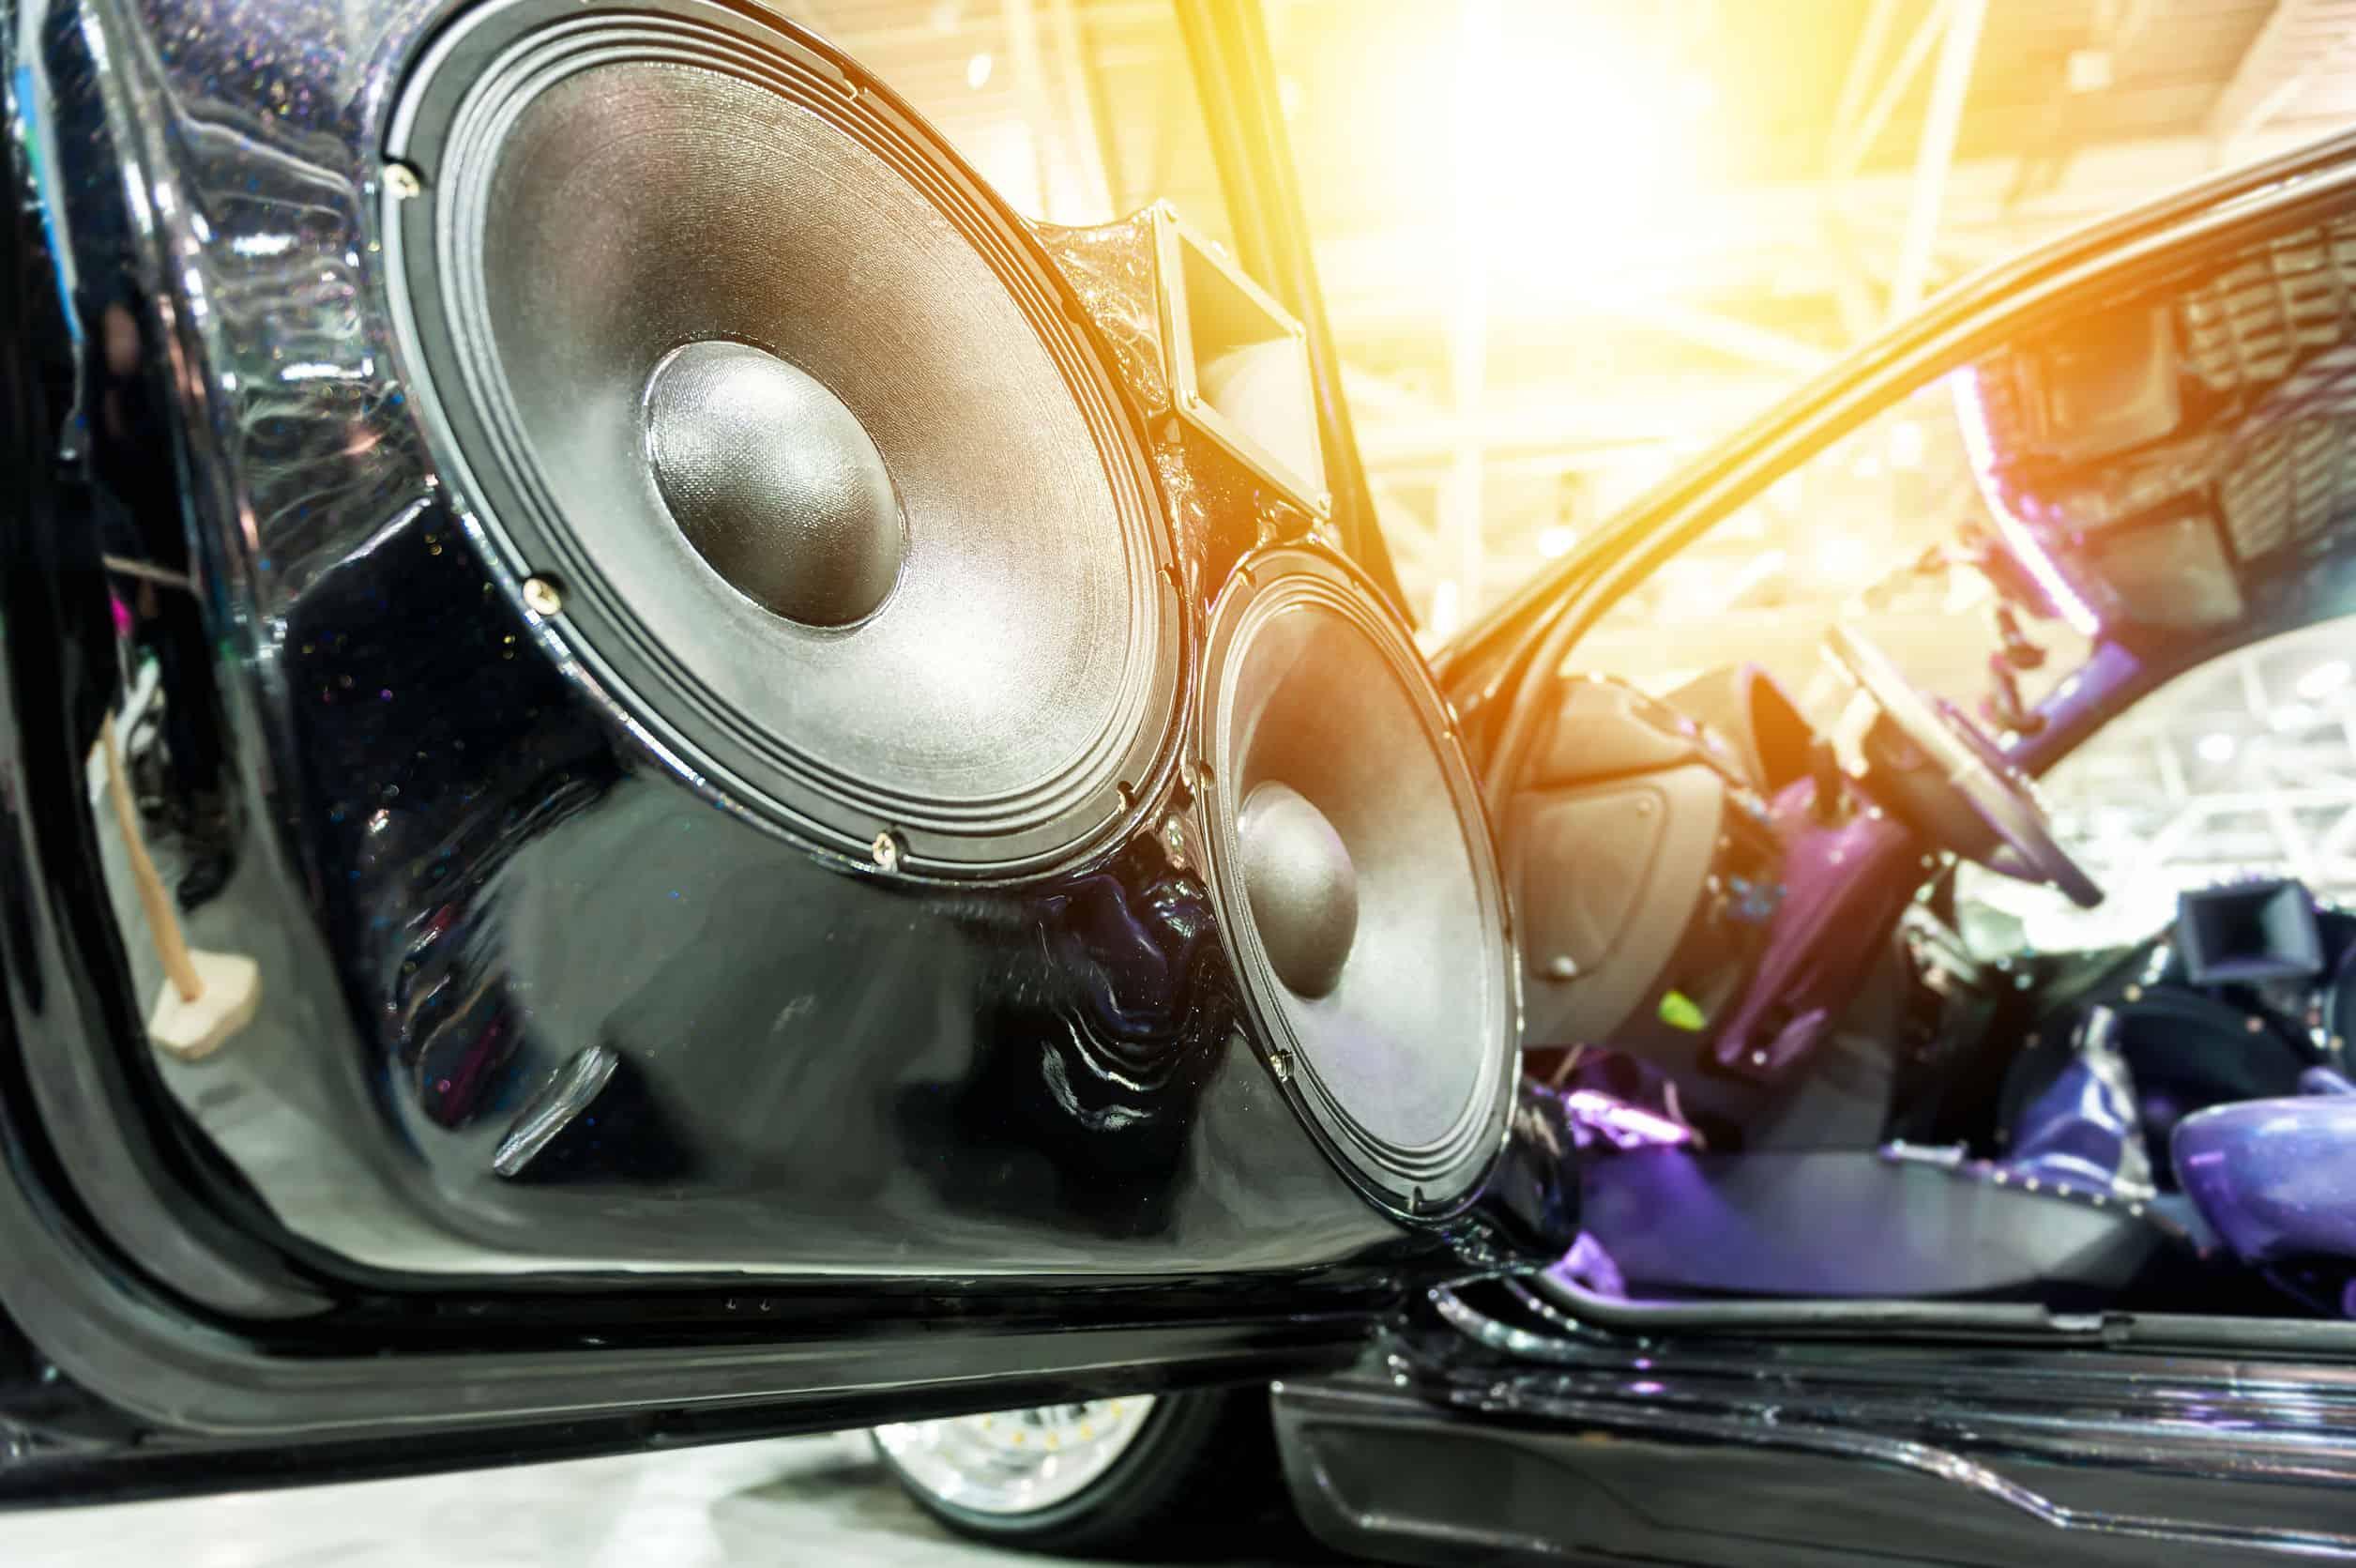 Subwoofer automotivo: Como escolher o melhor em 2020?